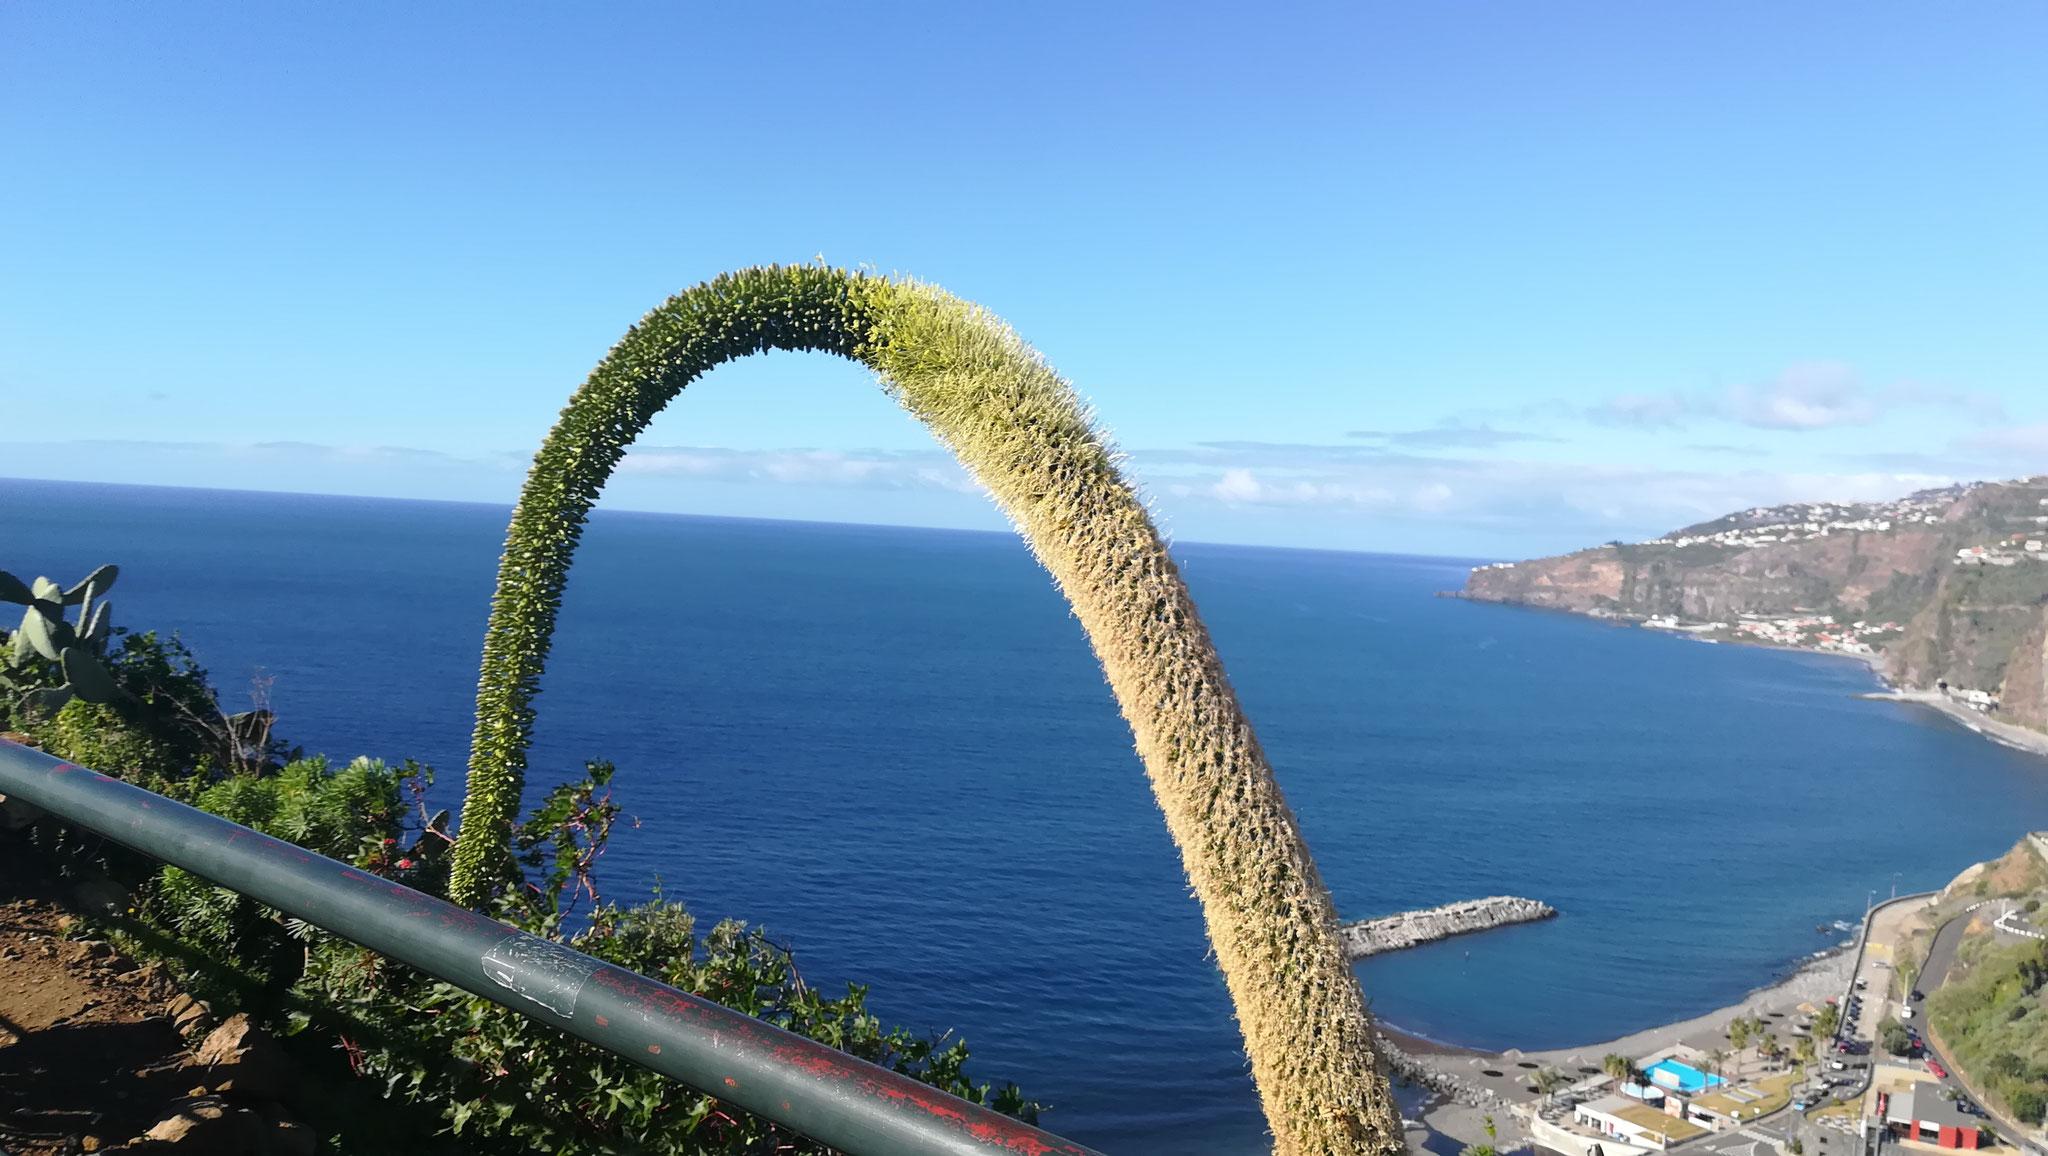 Meine Lieblingspflanze auf Madeira